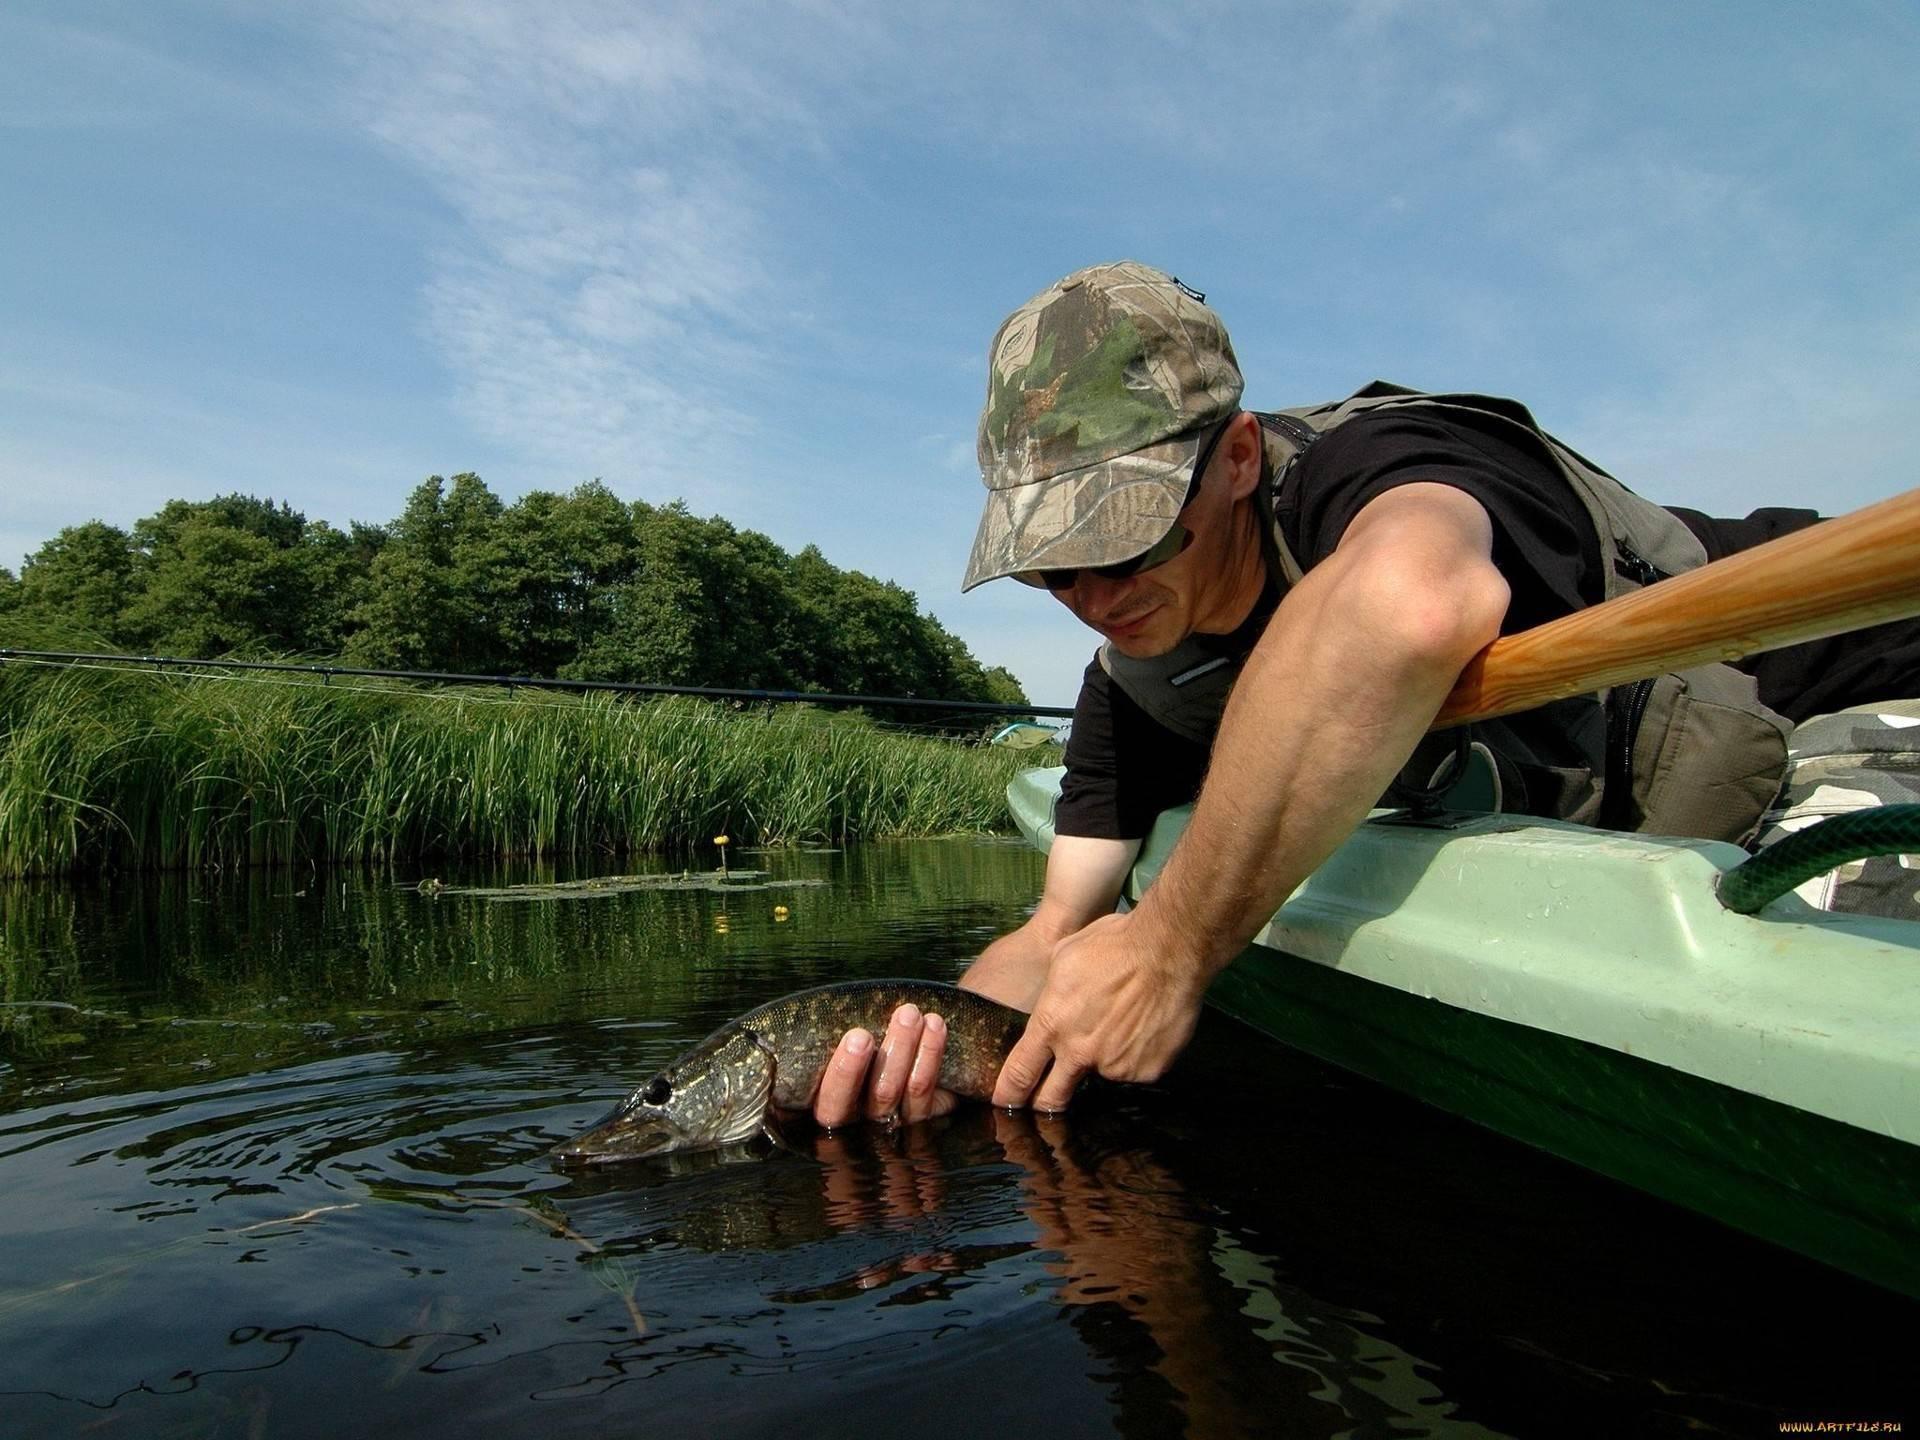 Микроджиг для начинающих: что это и как ловить?